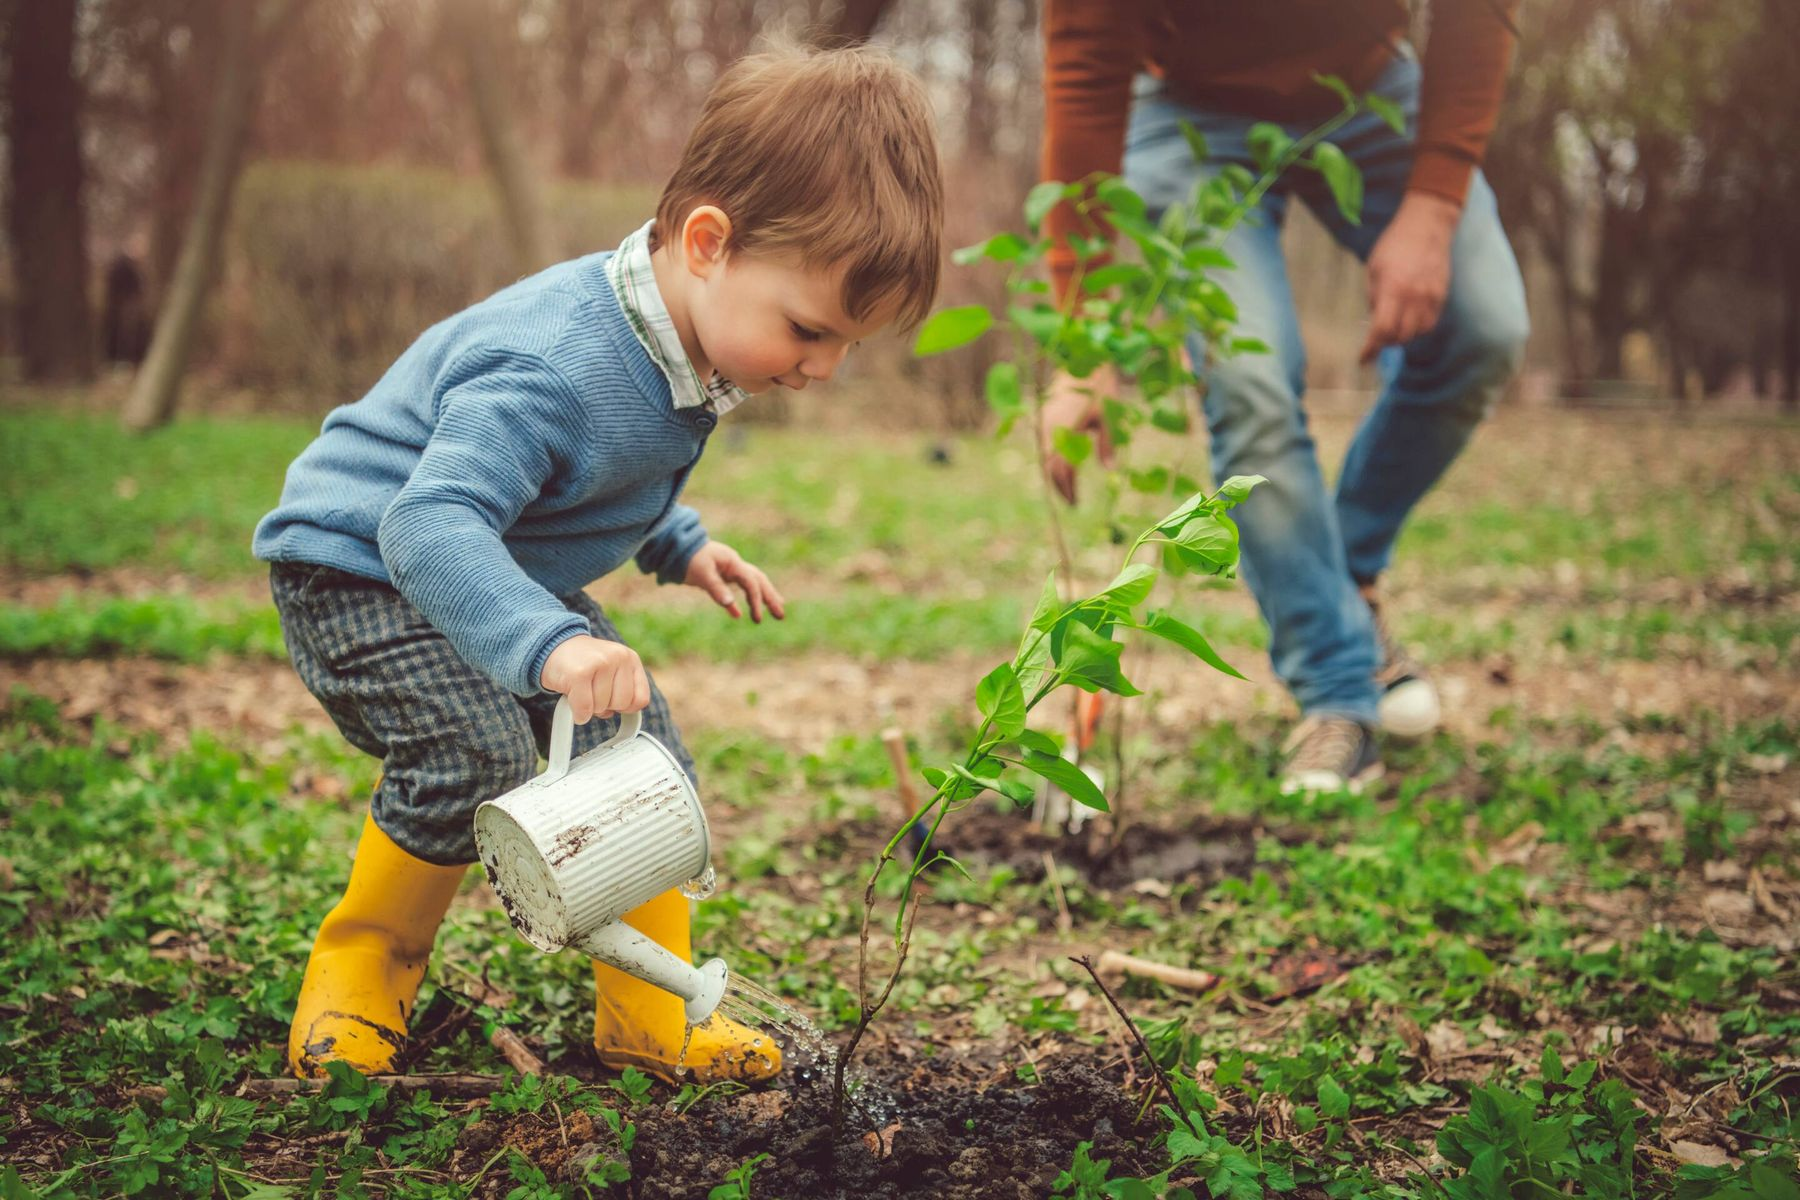 Cách chăm sóc cây cảnh cho người mới bắt đầu